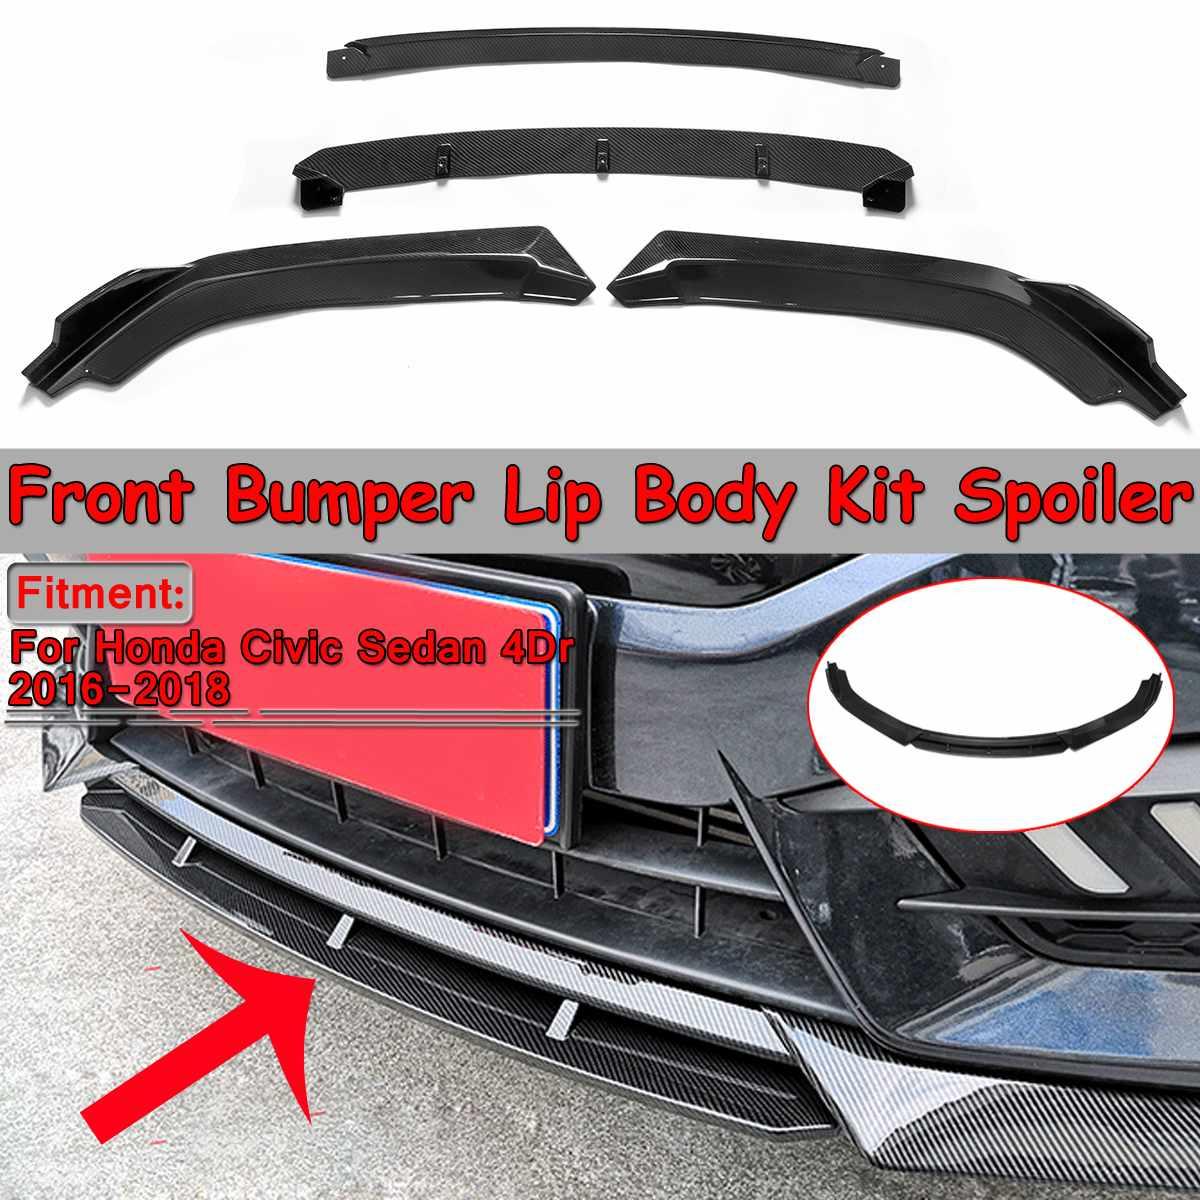 Nuevo 4 Uds parachoques delantero del coche difusor del labio del difusor del cuerpo del labio Kit de alerón parachoques Protector para Honda para Civic Sedan 4Dr 2016-2018